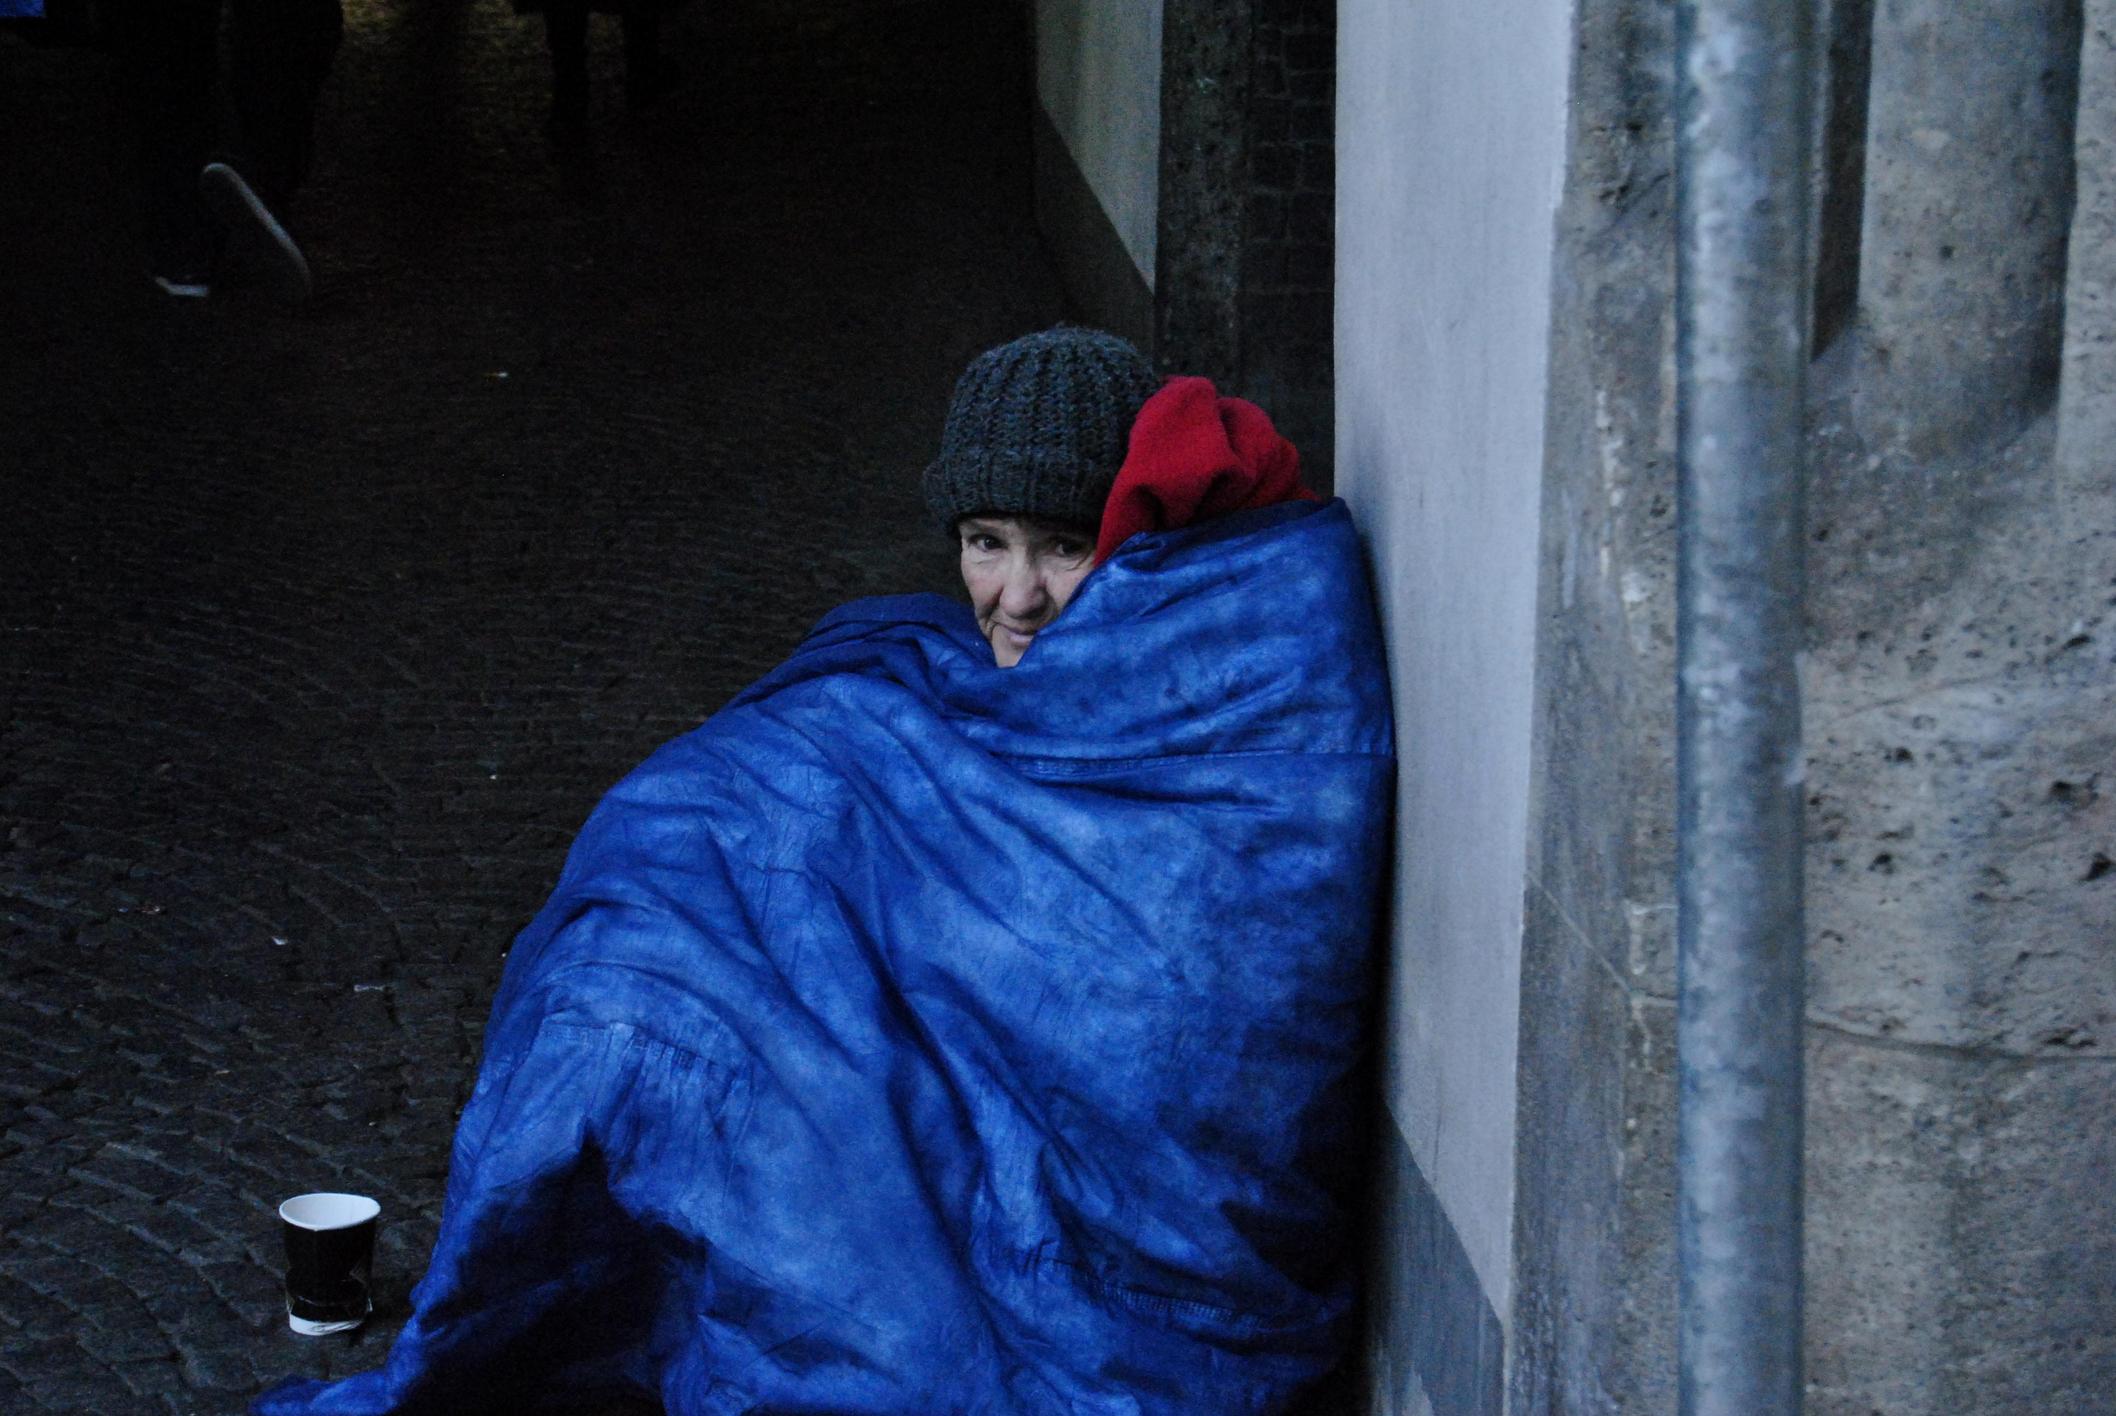 Direcţia de Asistenţă Socială primește haine groase pentru oamenii fără adăpost din Bucureşti